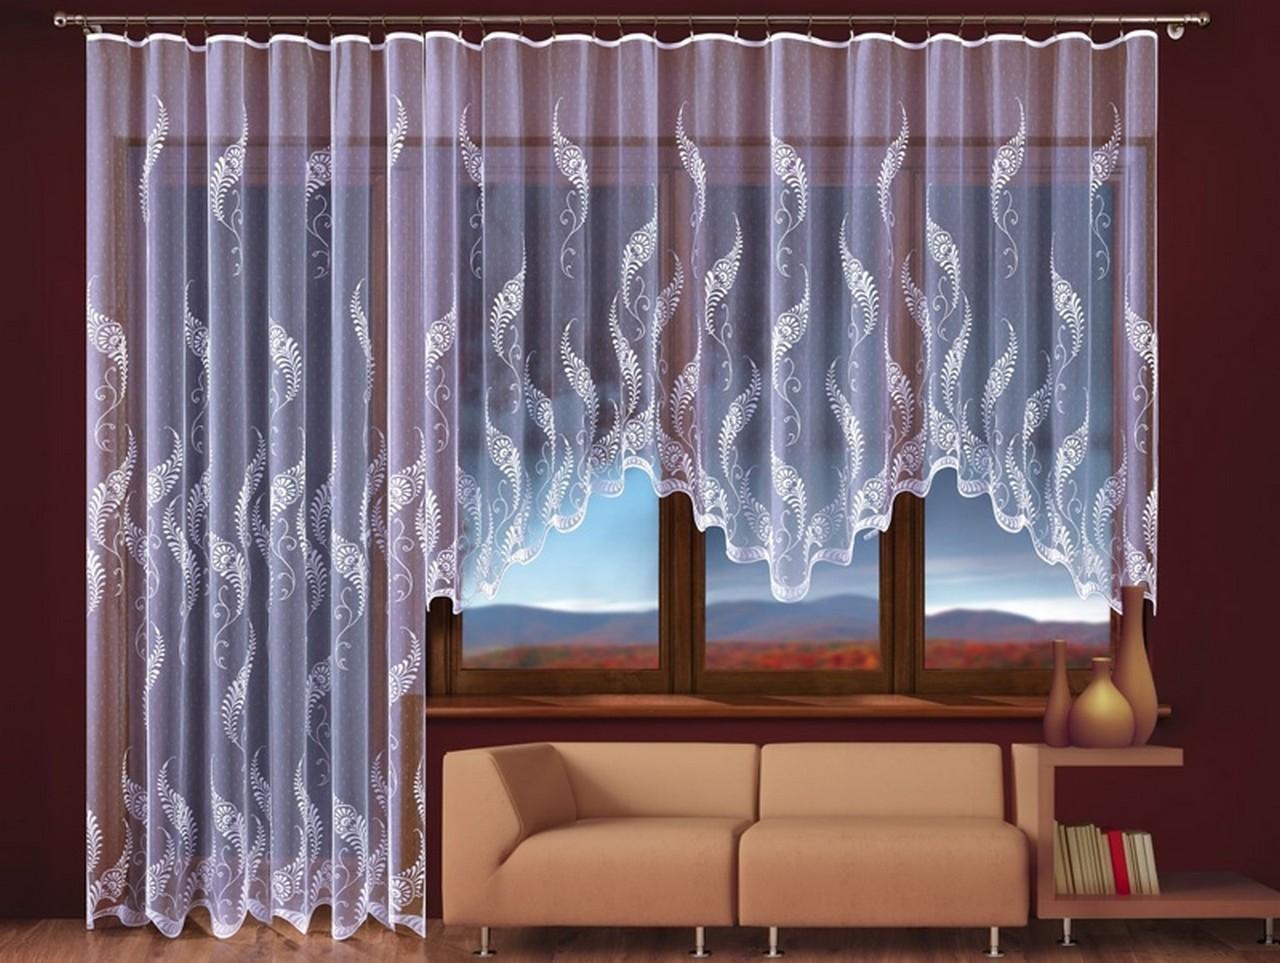 Достоинства и недостатки тюля для окна с балконной дверью